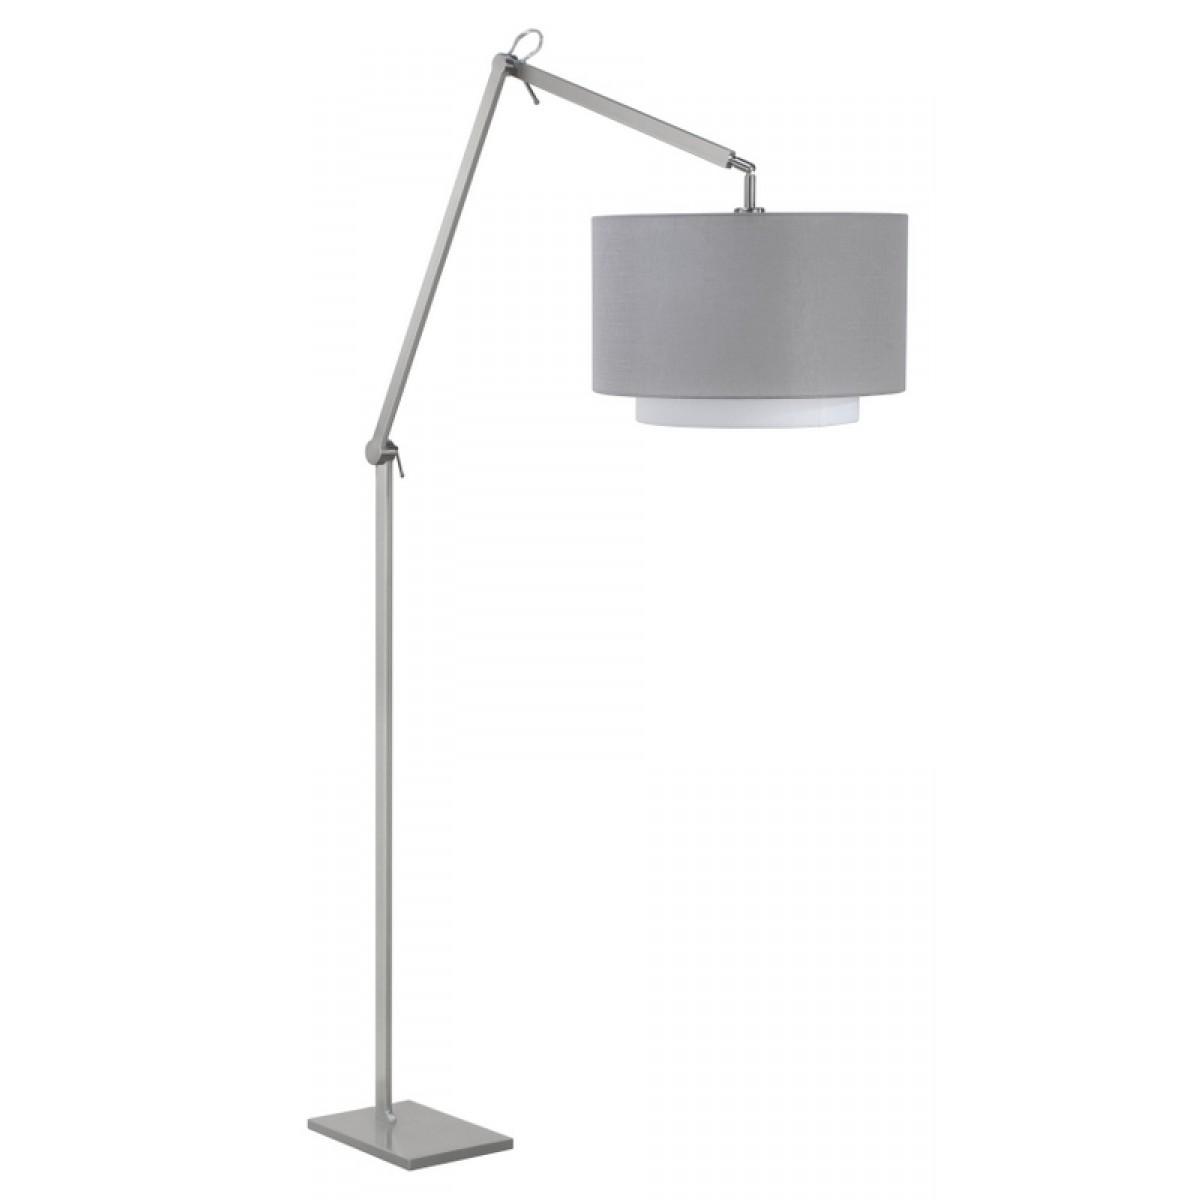 stehlampe mit lampenschirm grau wei stehleuchte silber satiniert. Black Bedroom Furniture Sets. Home Design Ideas